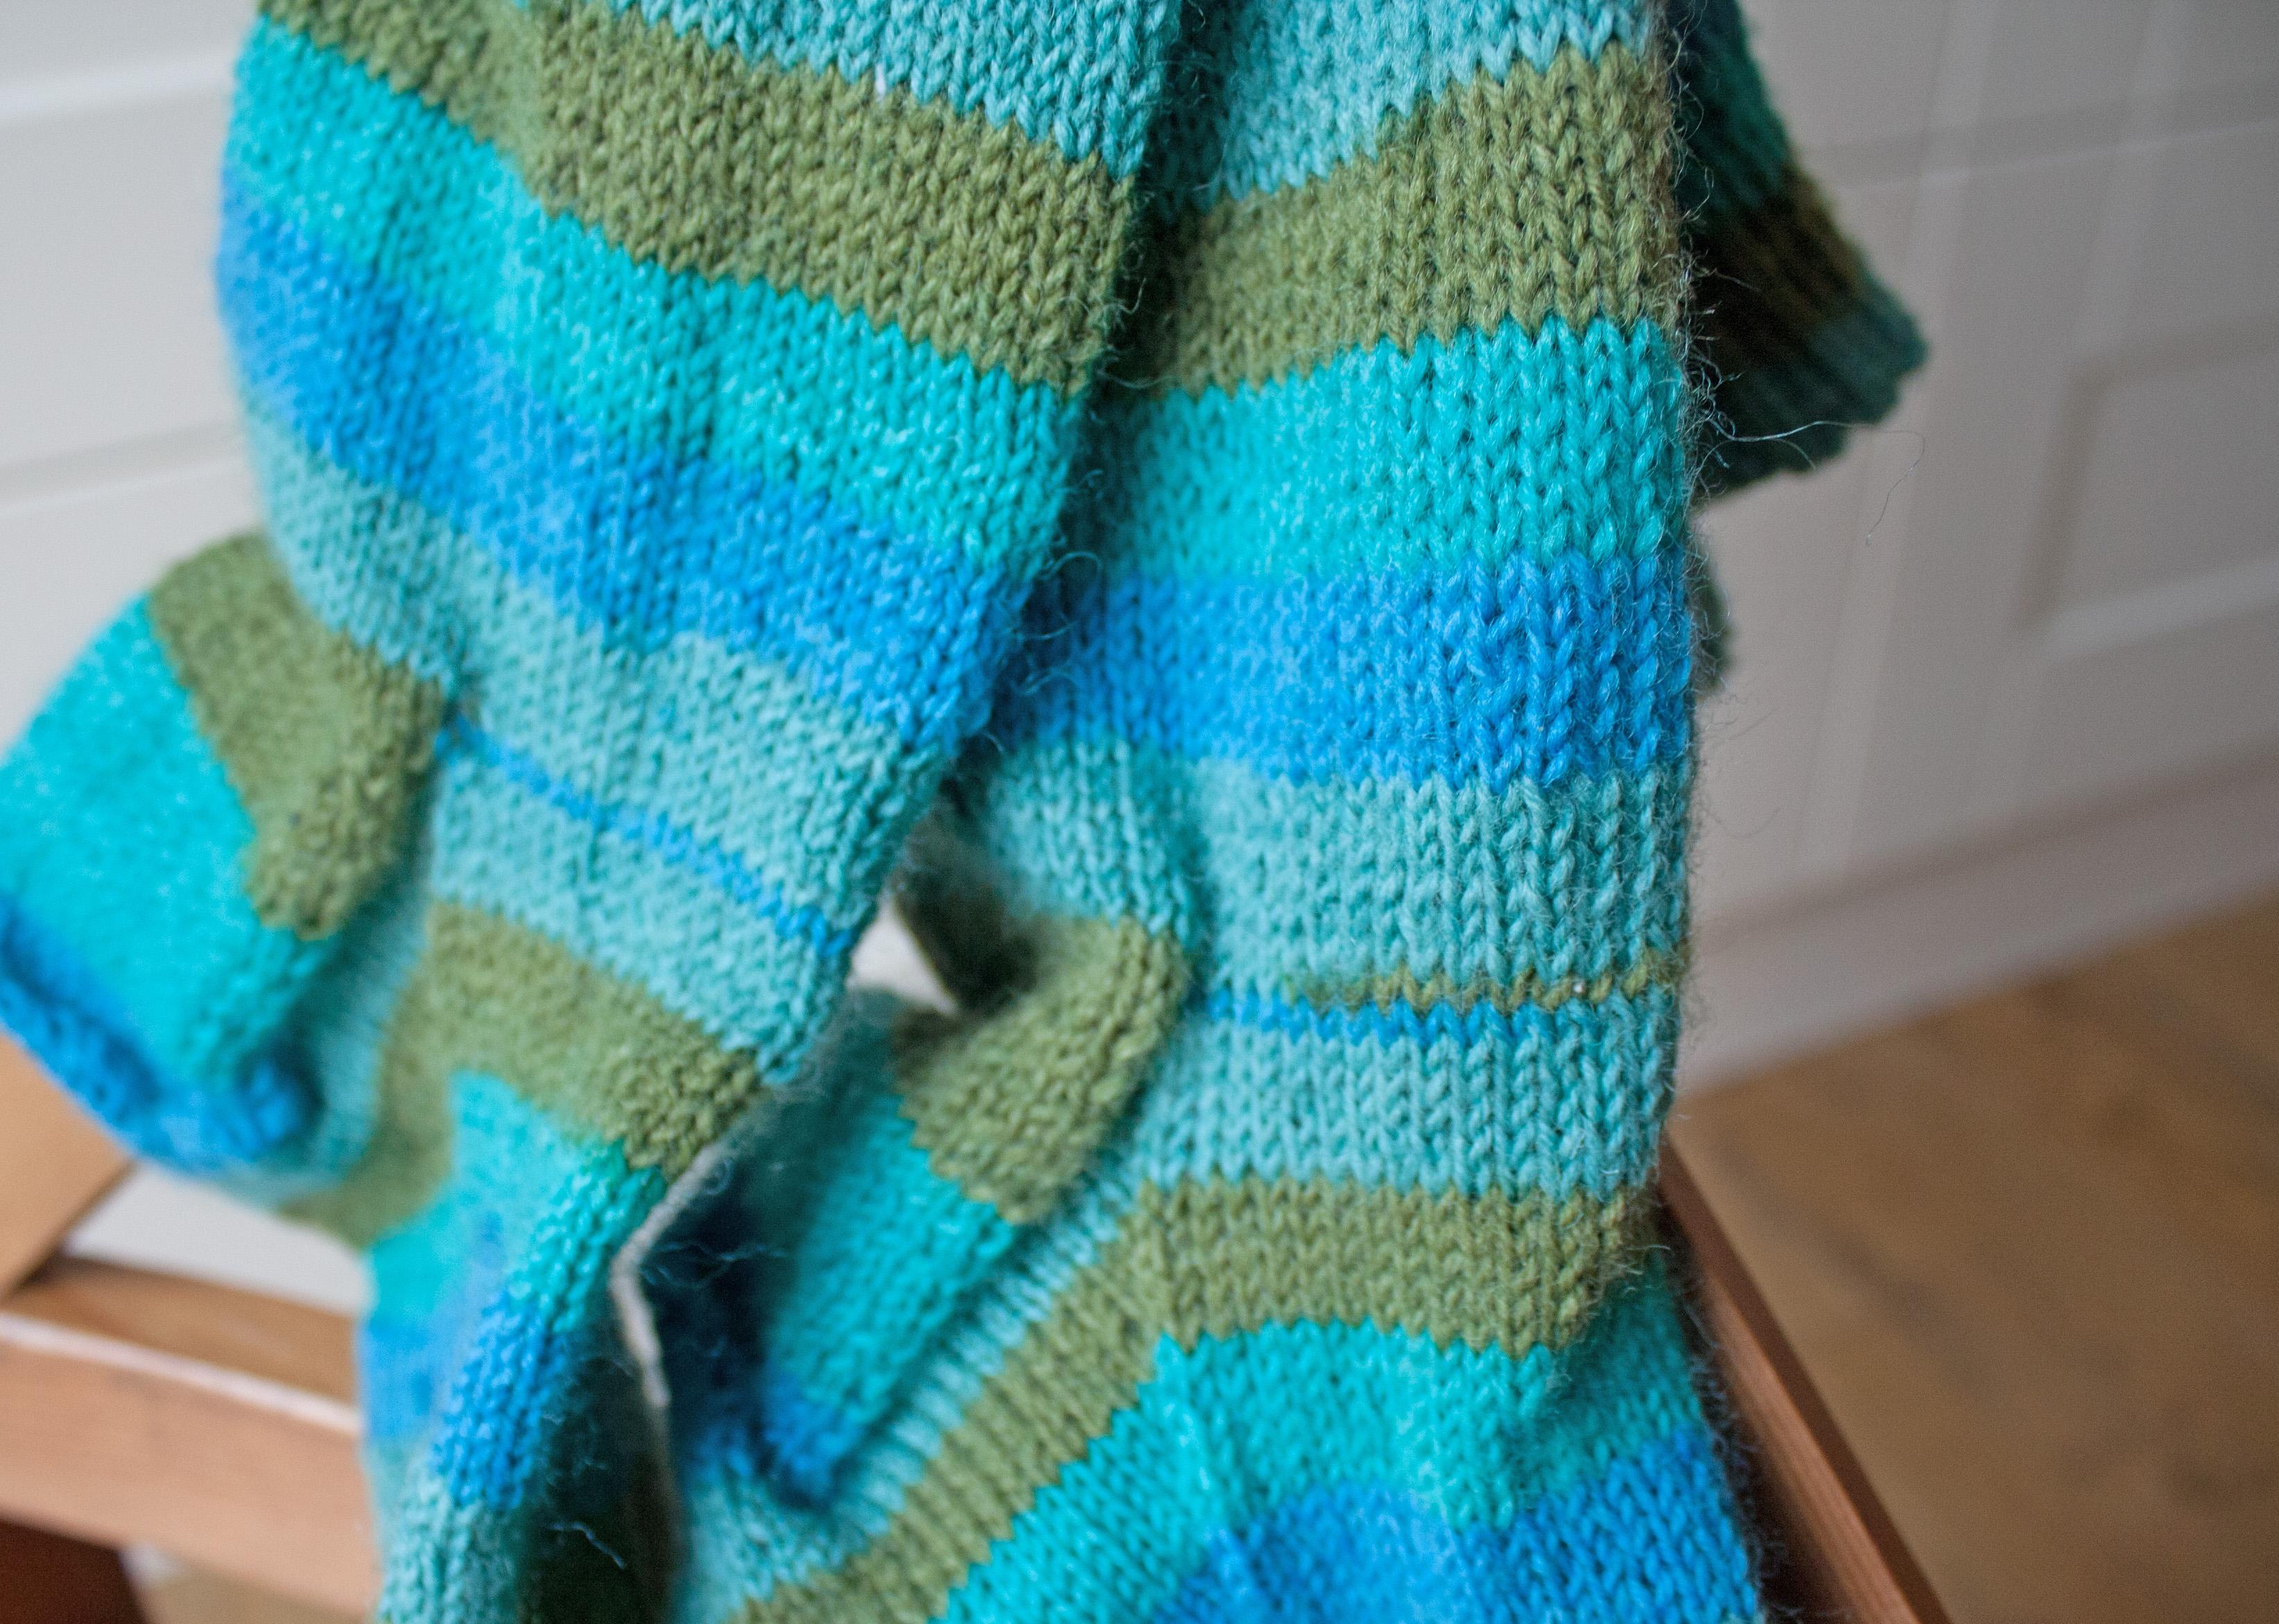 camper_socks_3